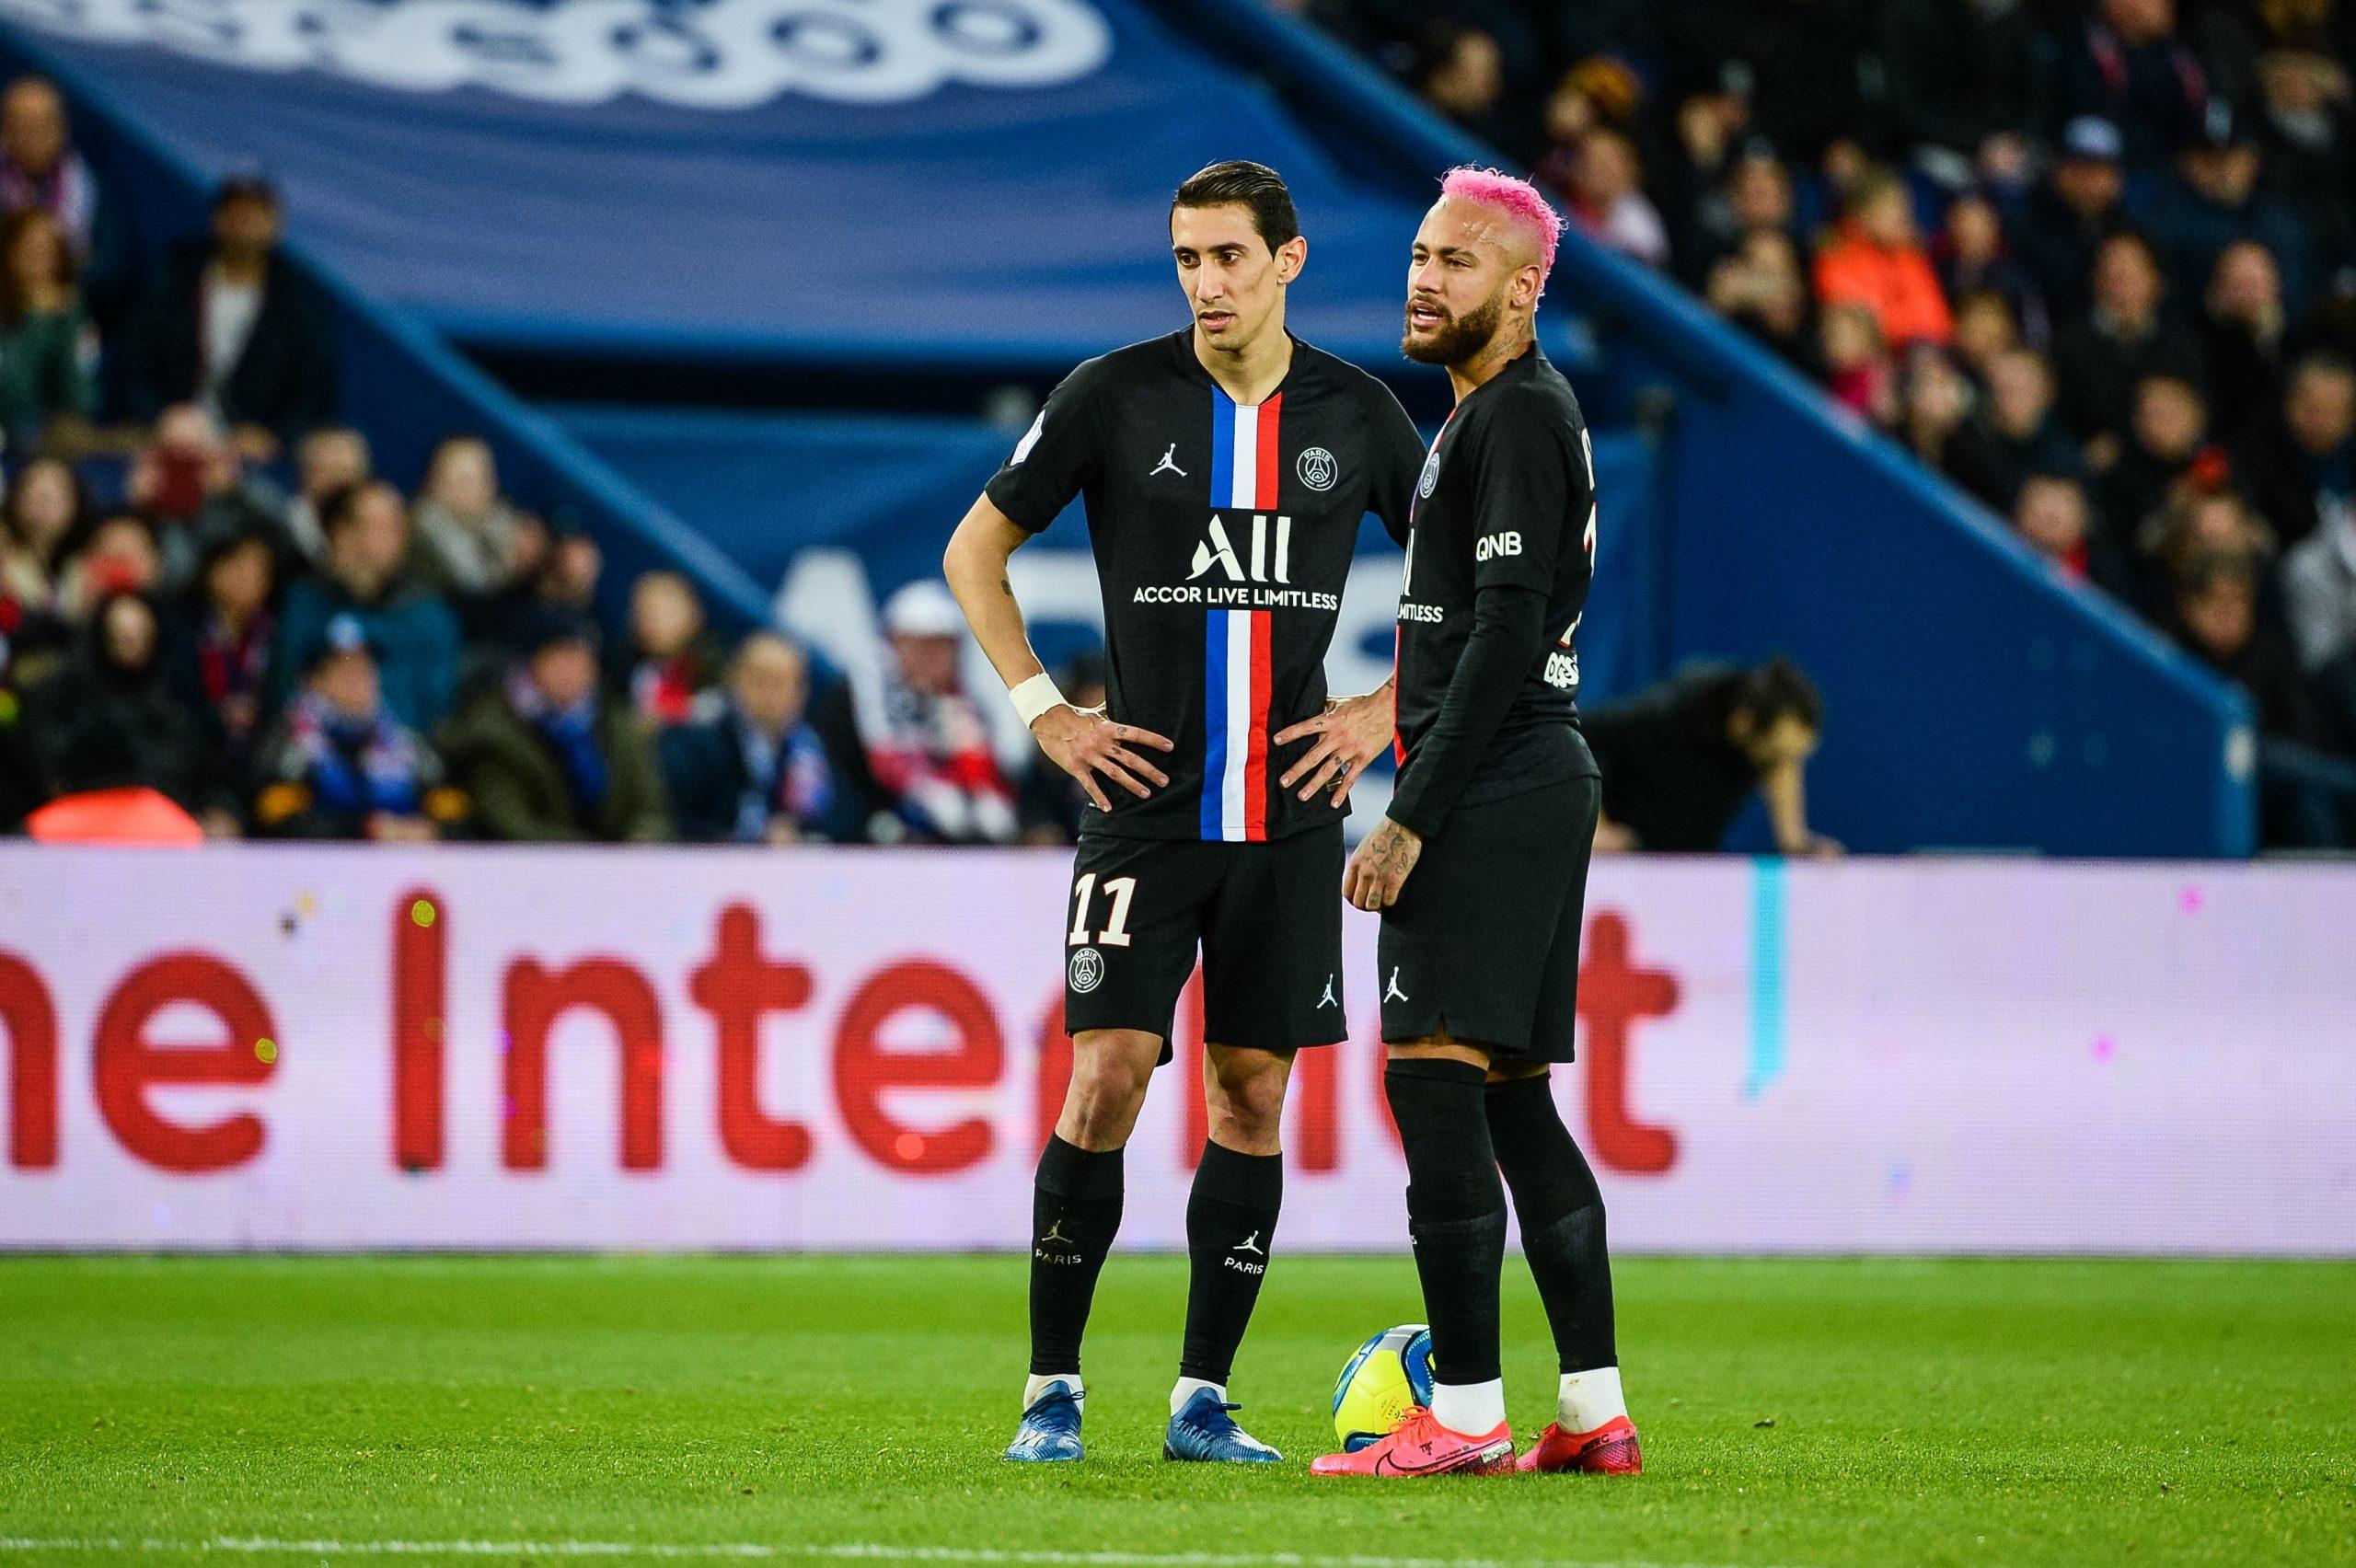 Sondage - Quel est le plus beau but du PSG cette saison ? Début de la 2e manche : Di Maria ou Neymar